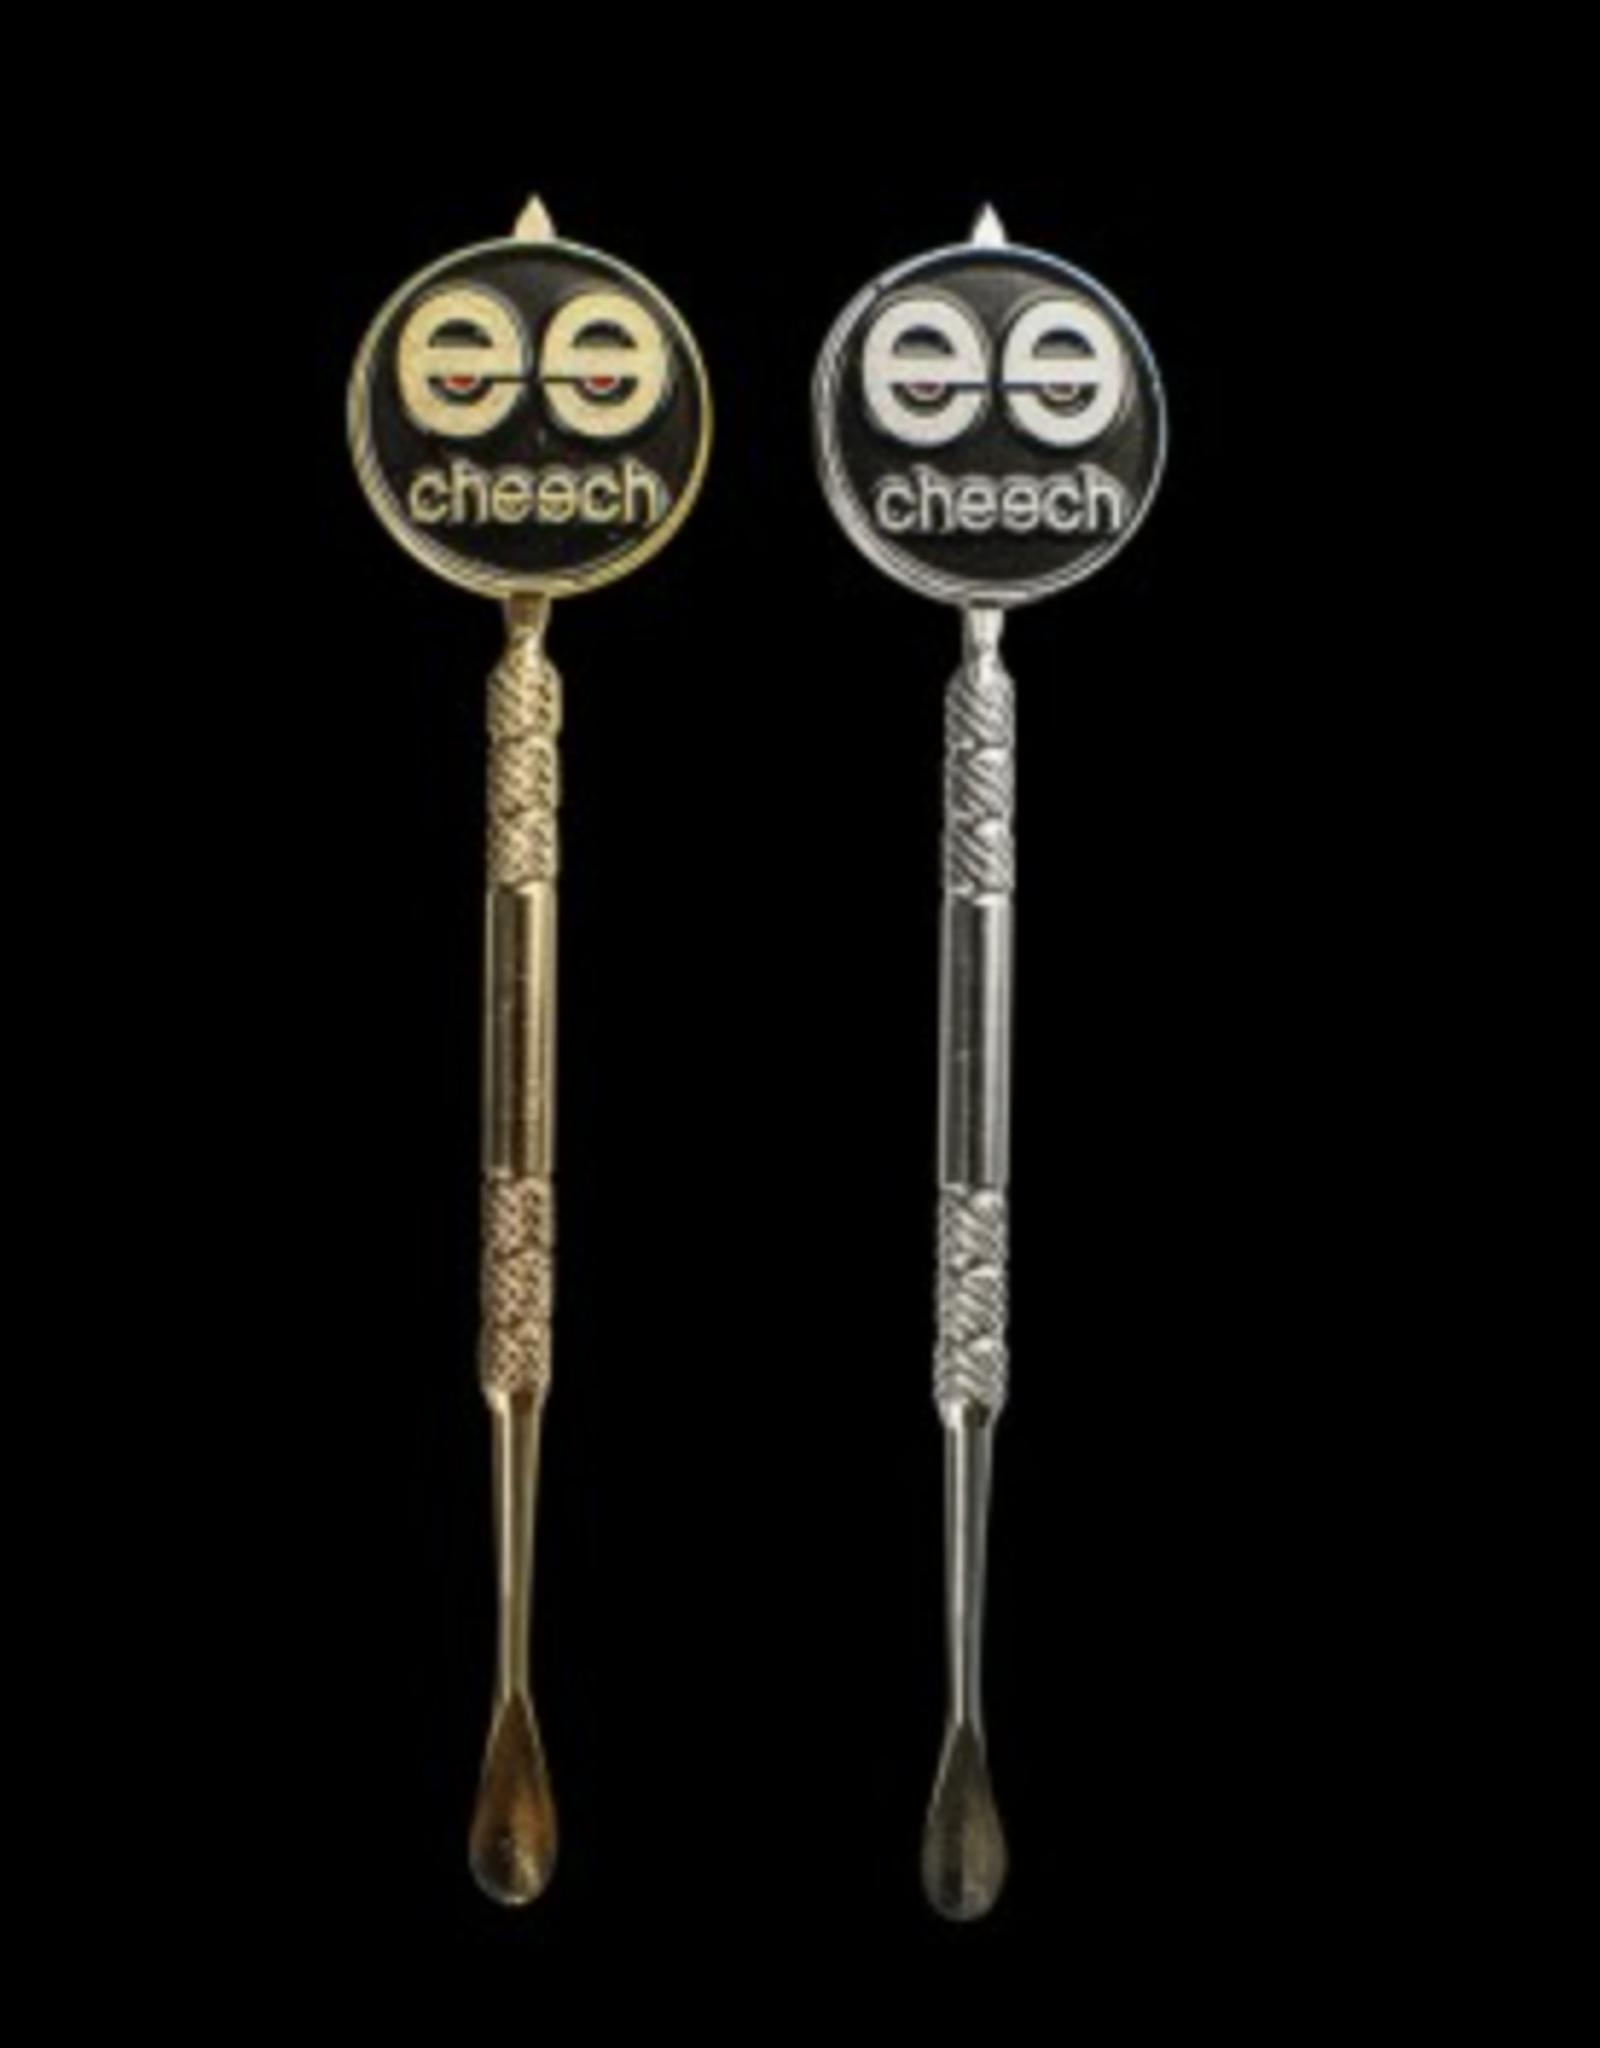 Cheech Metal Dabber by Cheech